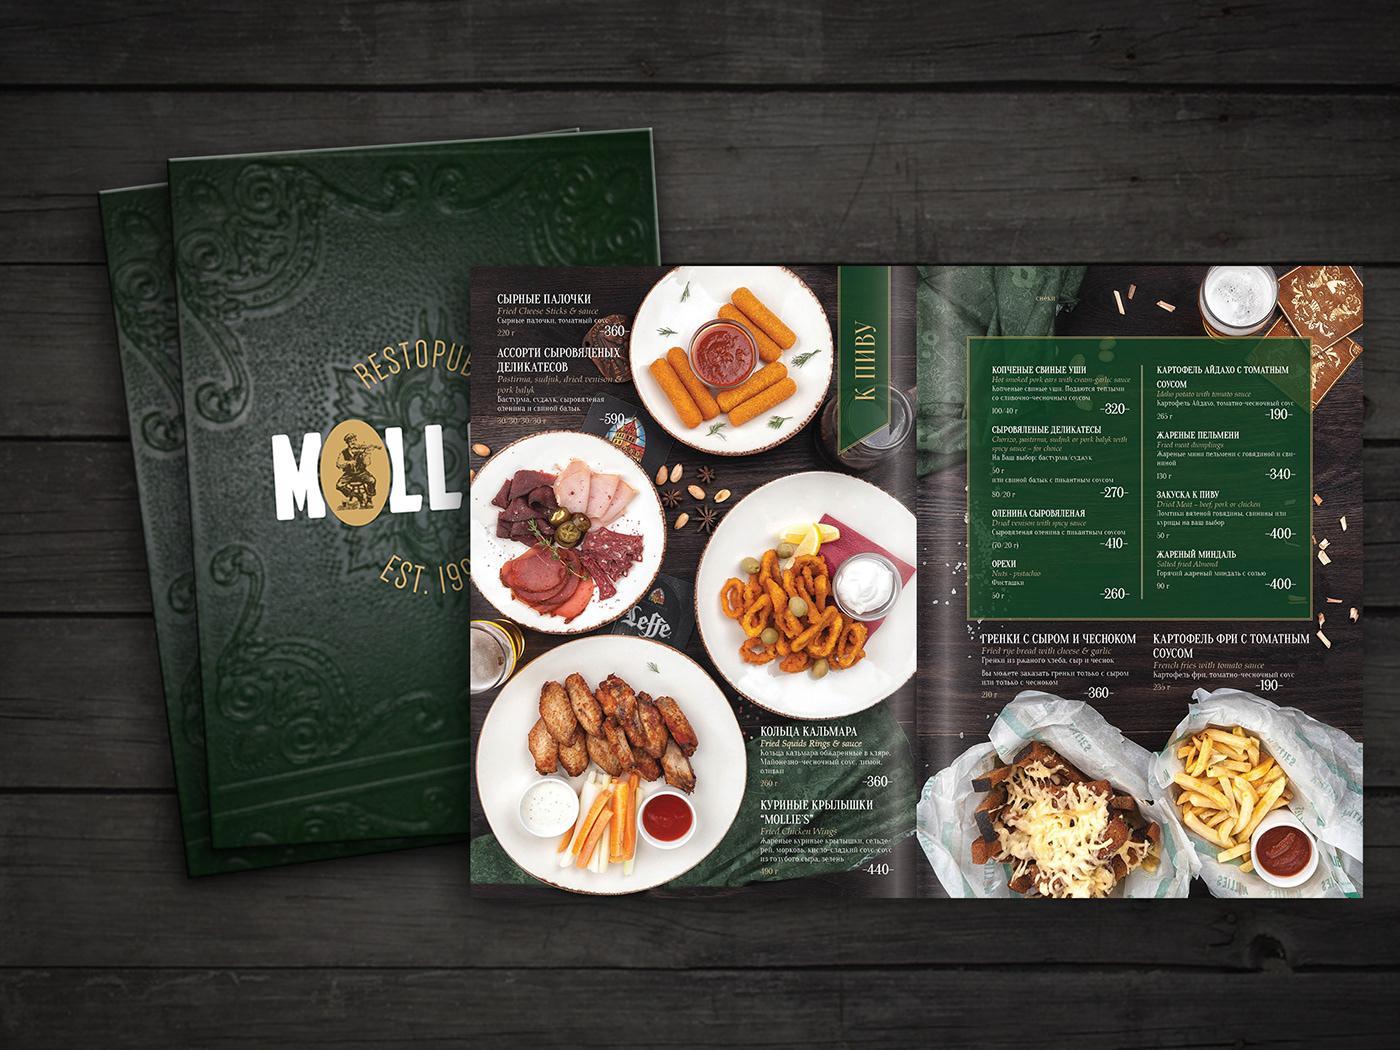 有創意感的29套菜單設計範本欣賞